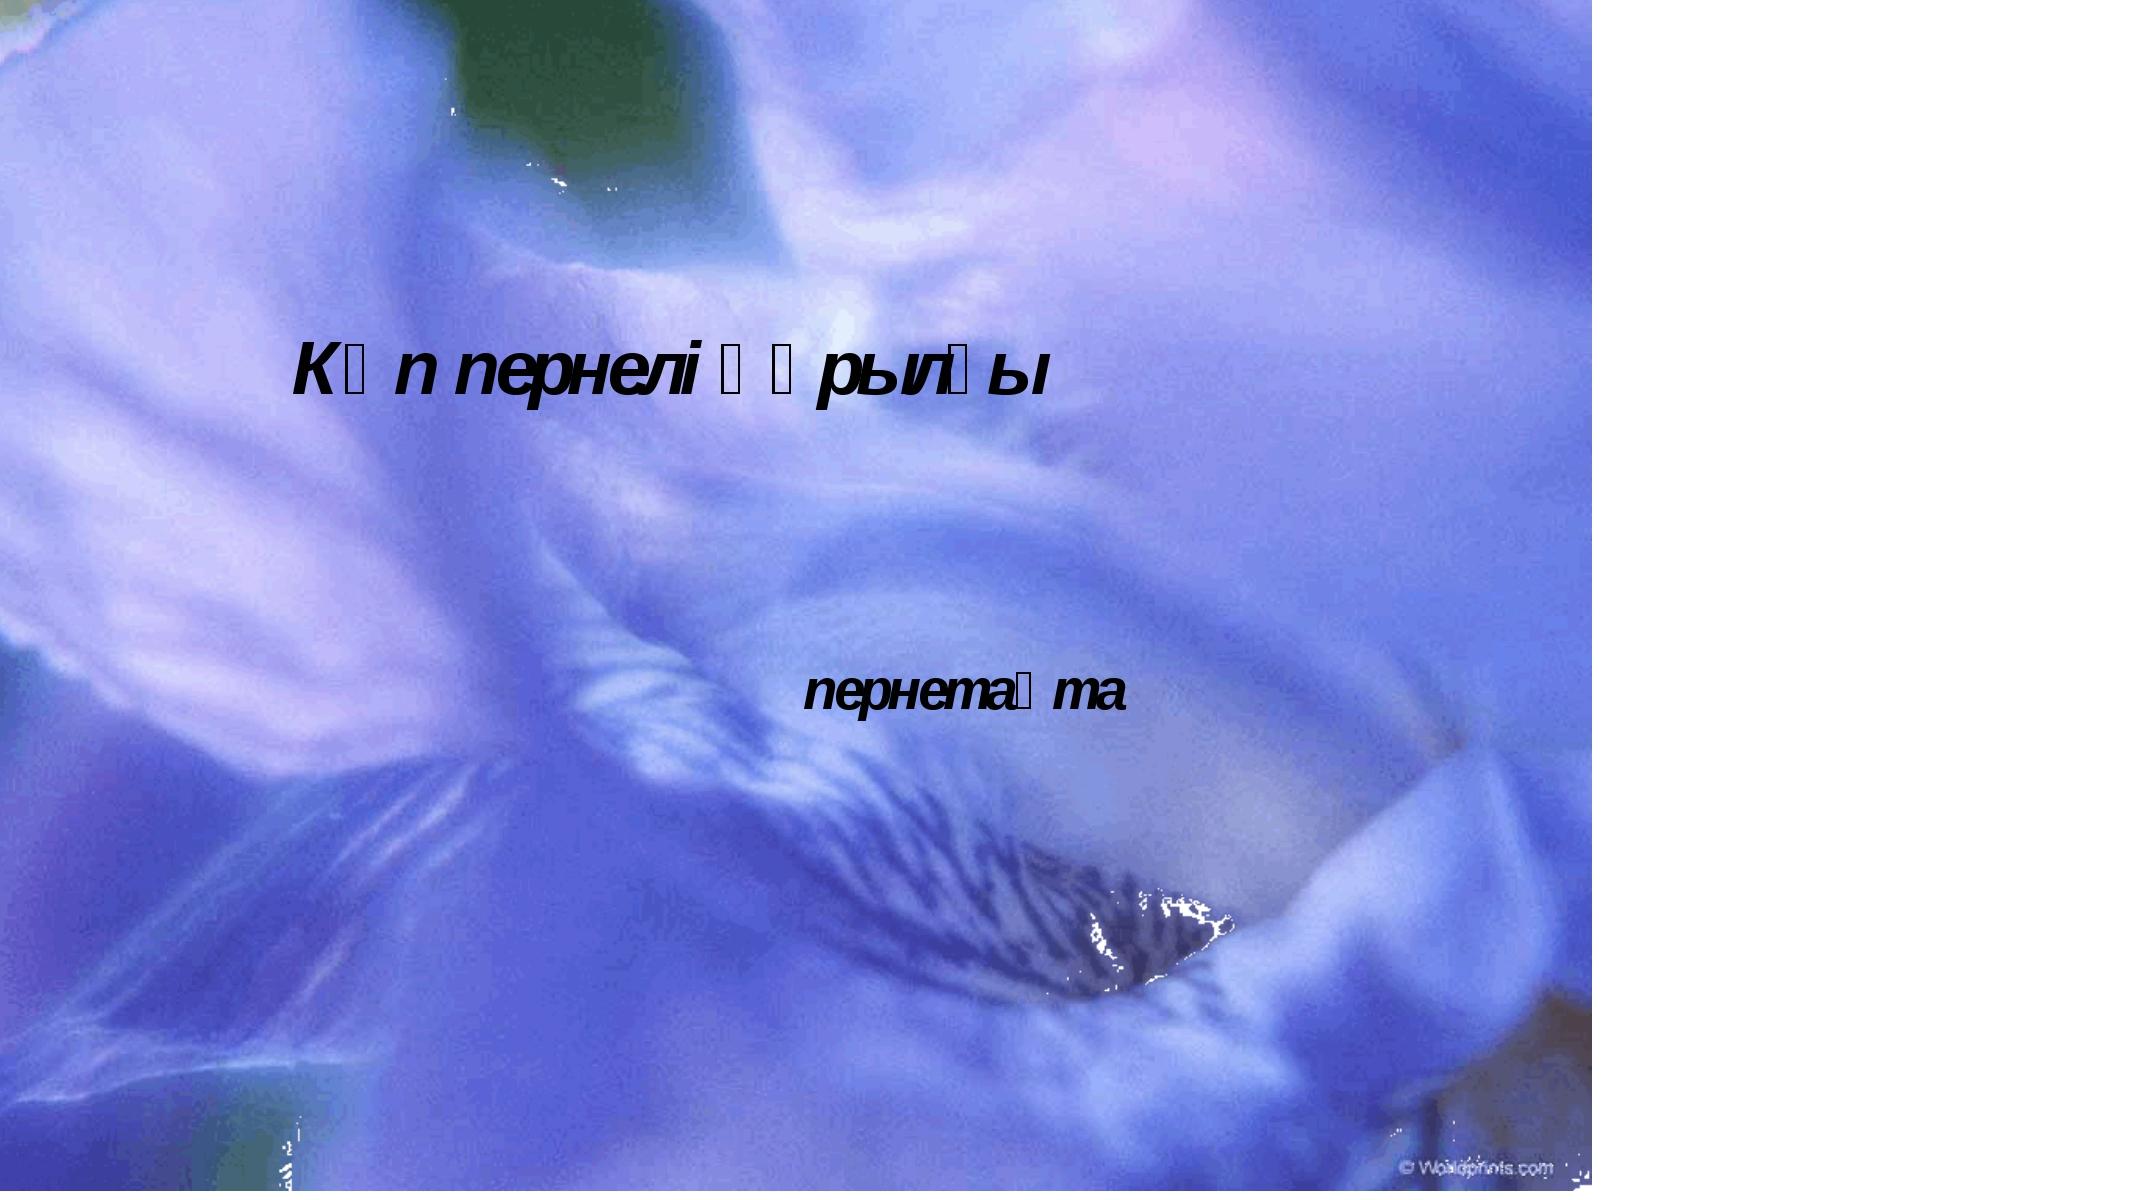 Көп пернелі құрылғы пернетақта